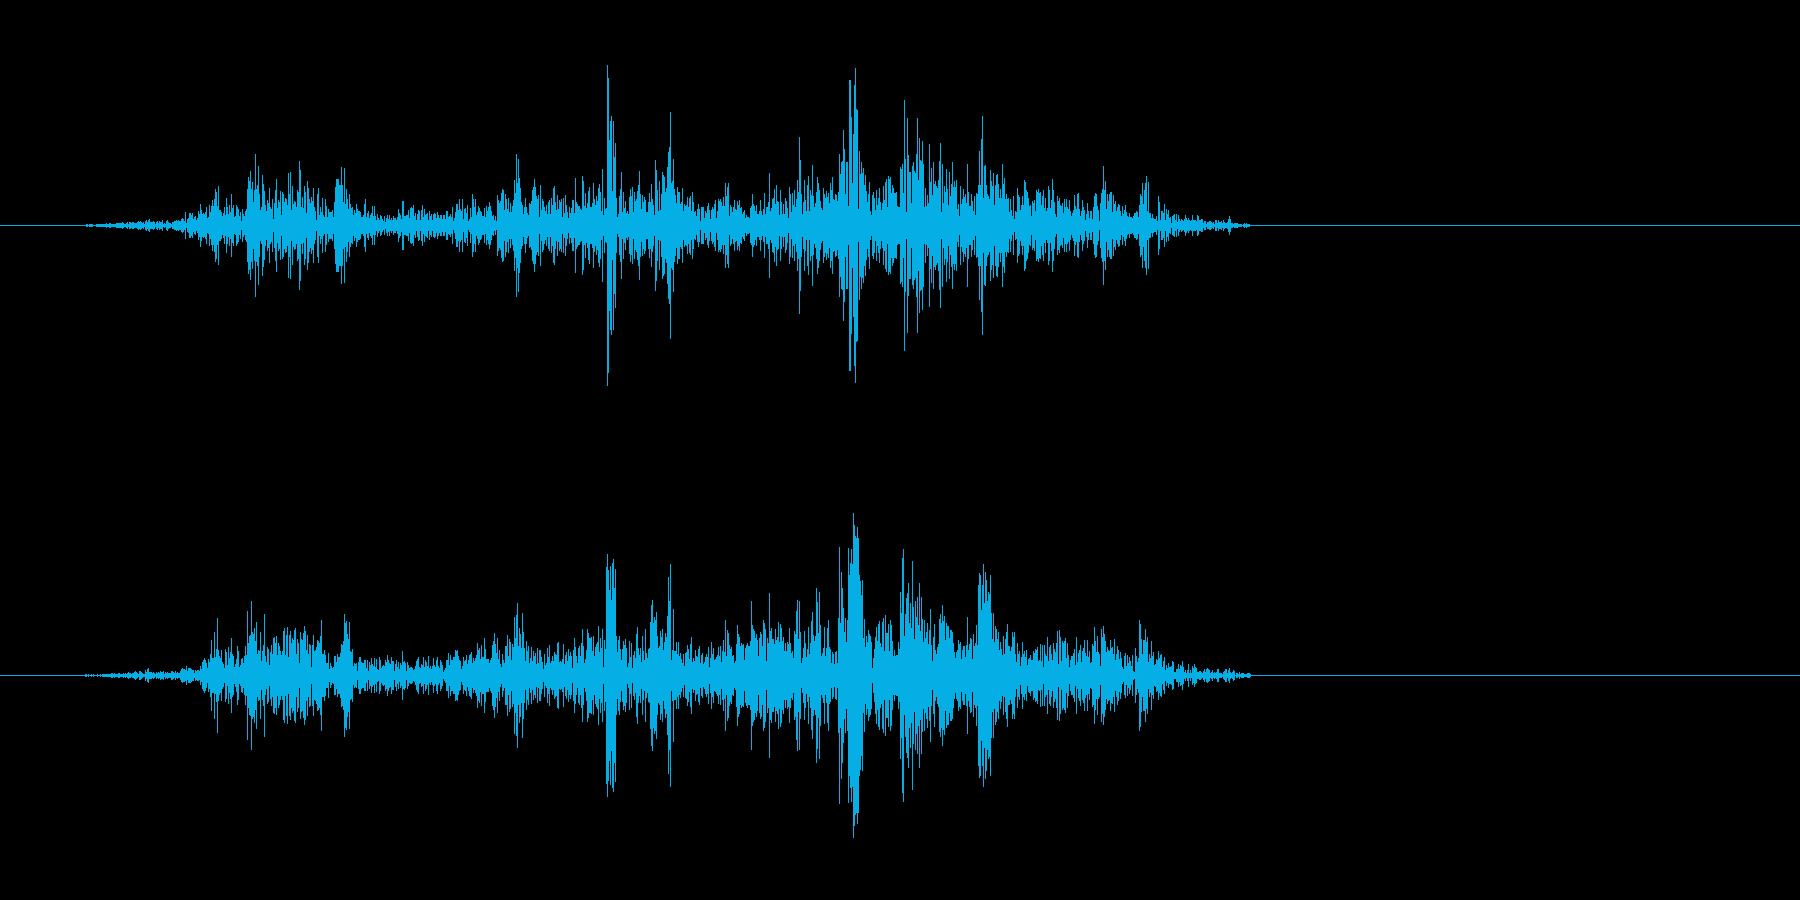 ザザッ(摩擦音)短めの再生済みの波形